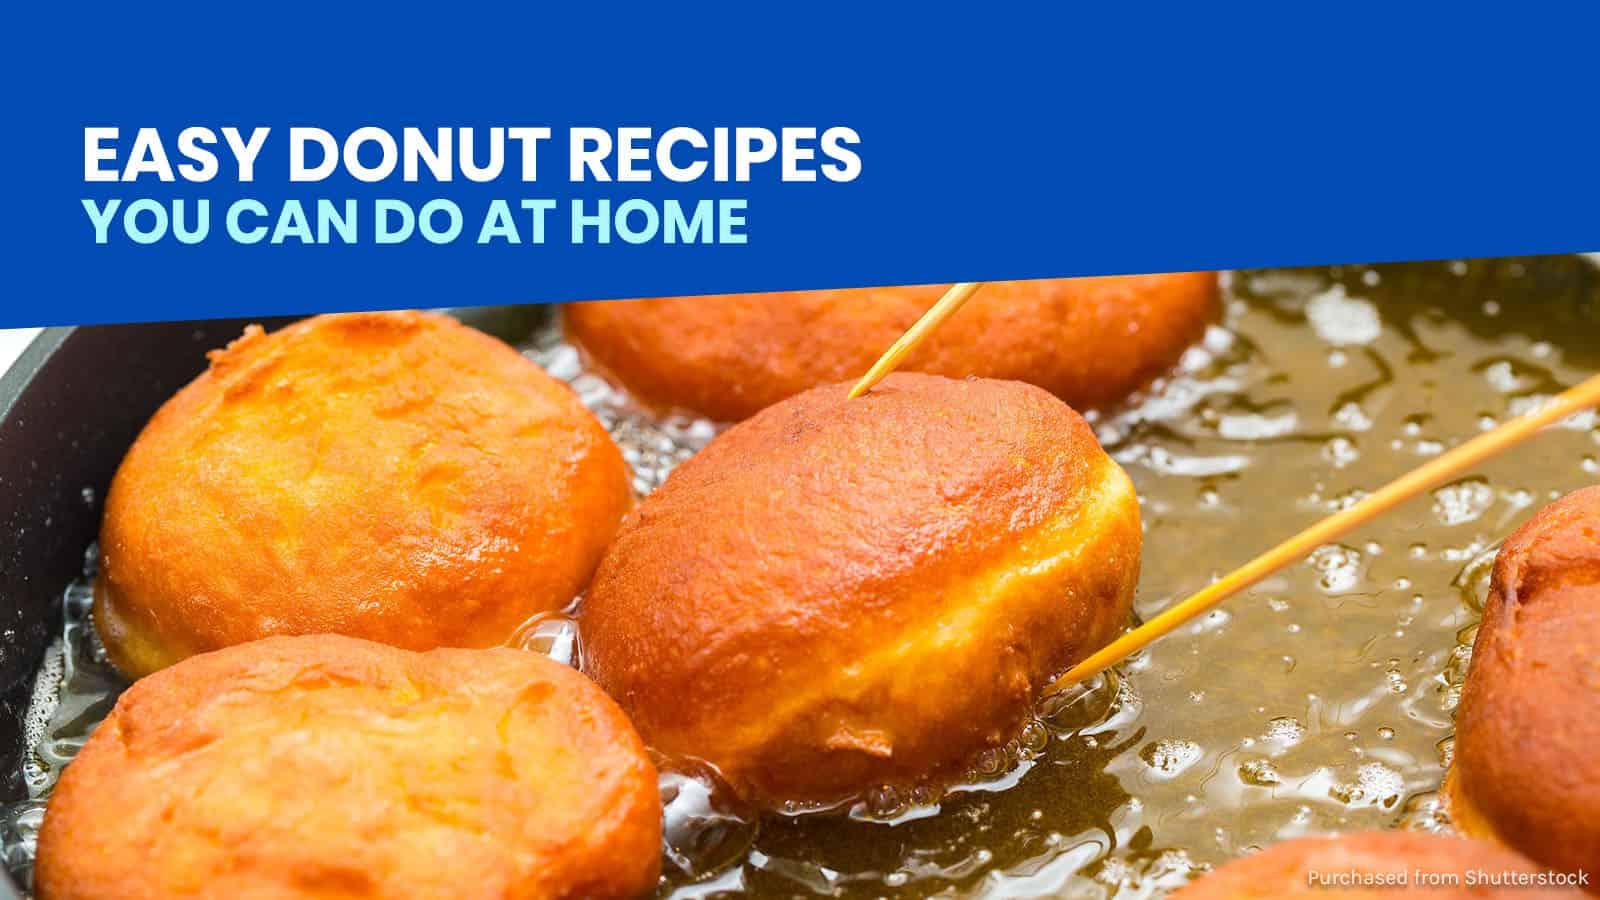 7个简单的甜甜圈食谱,你可以在家里尝试一下 | 穷游者的行程安排博客